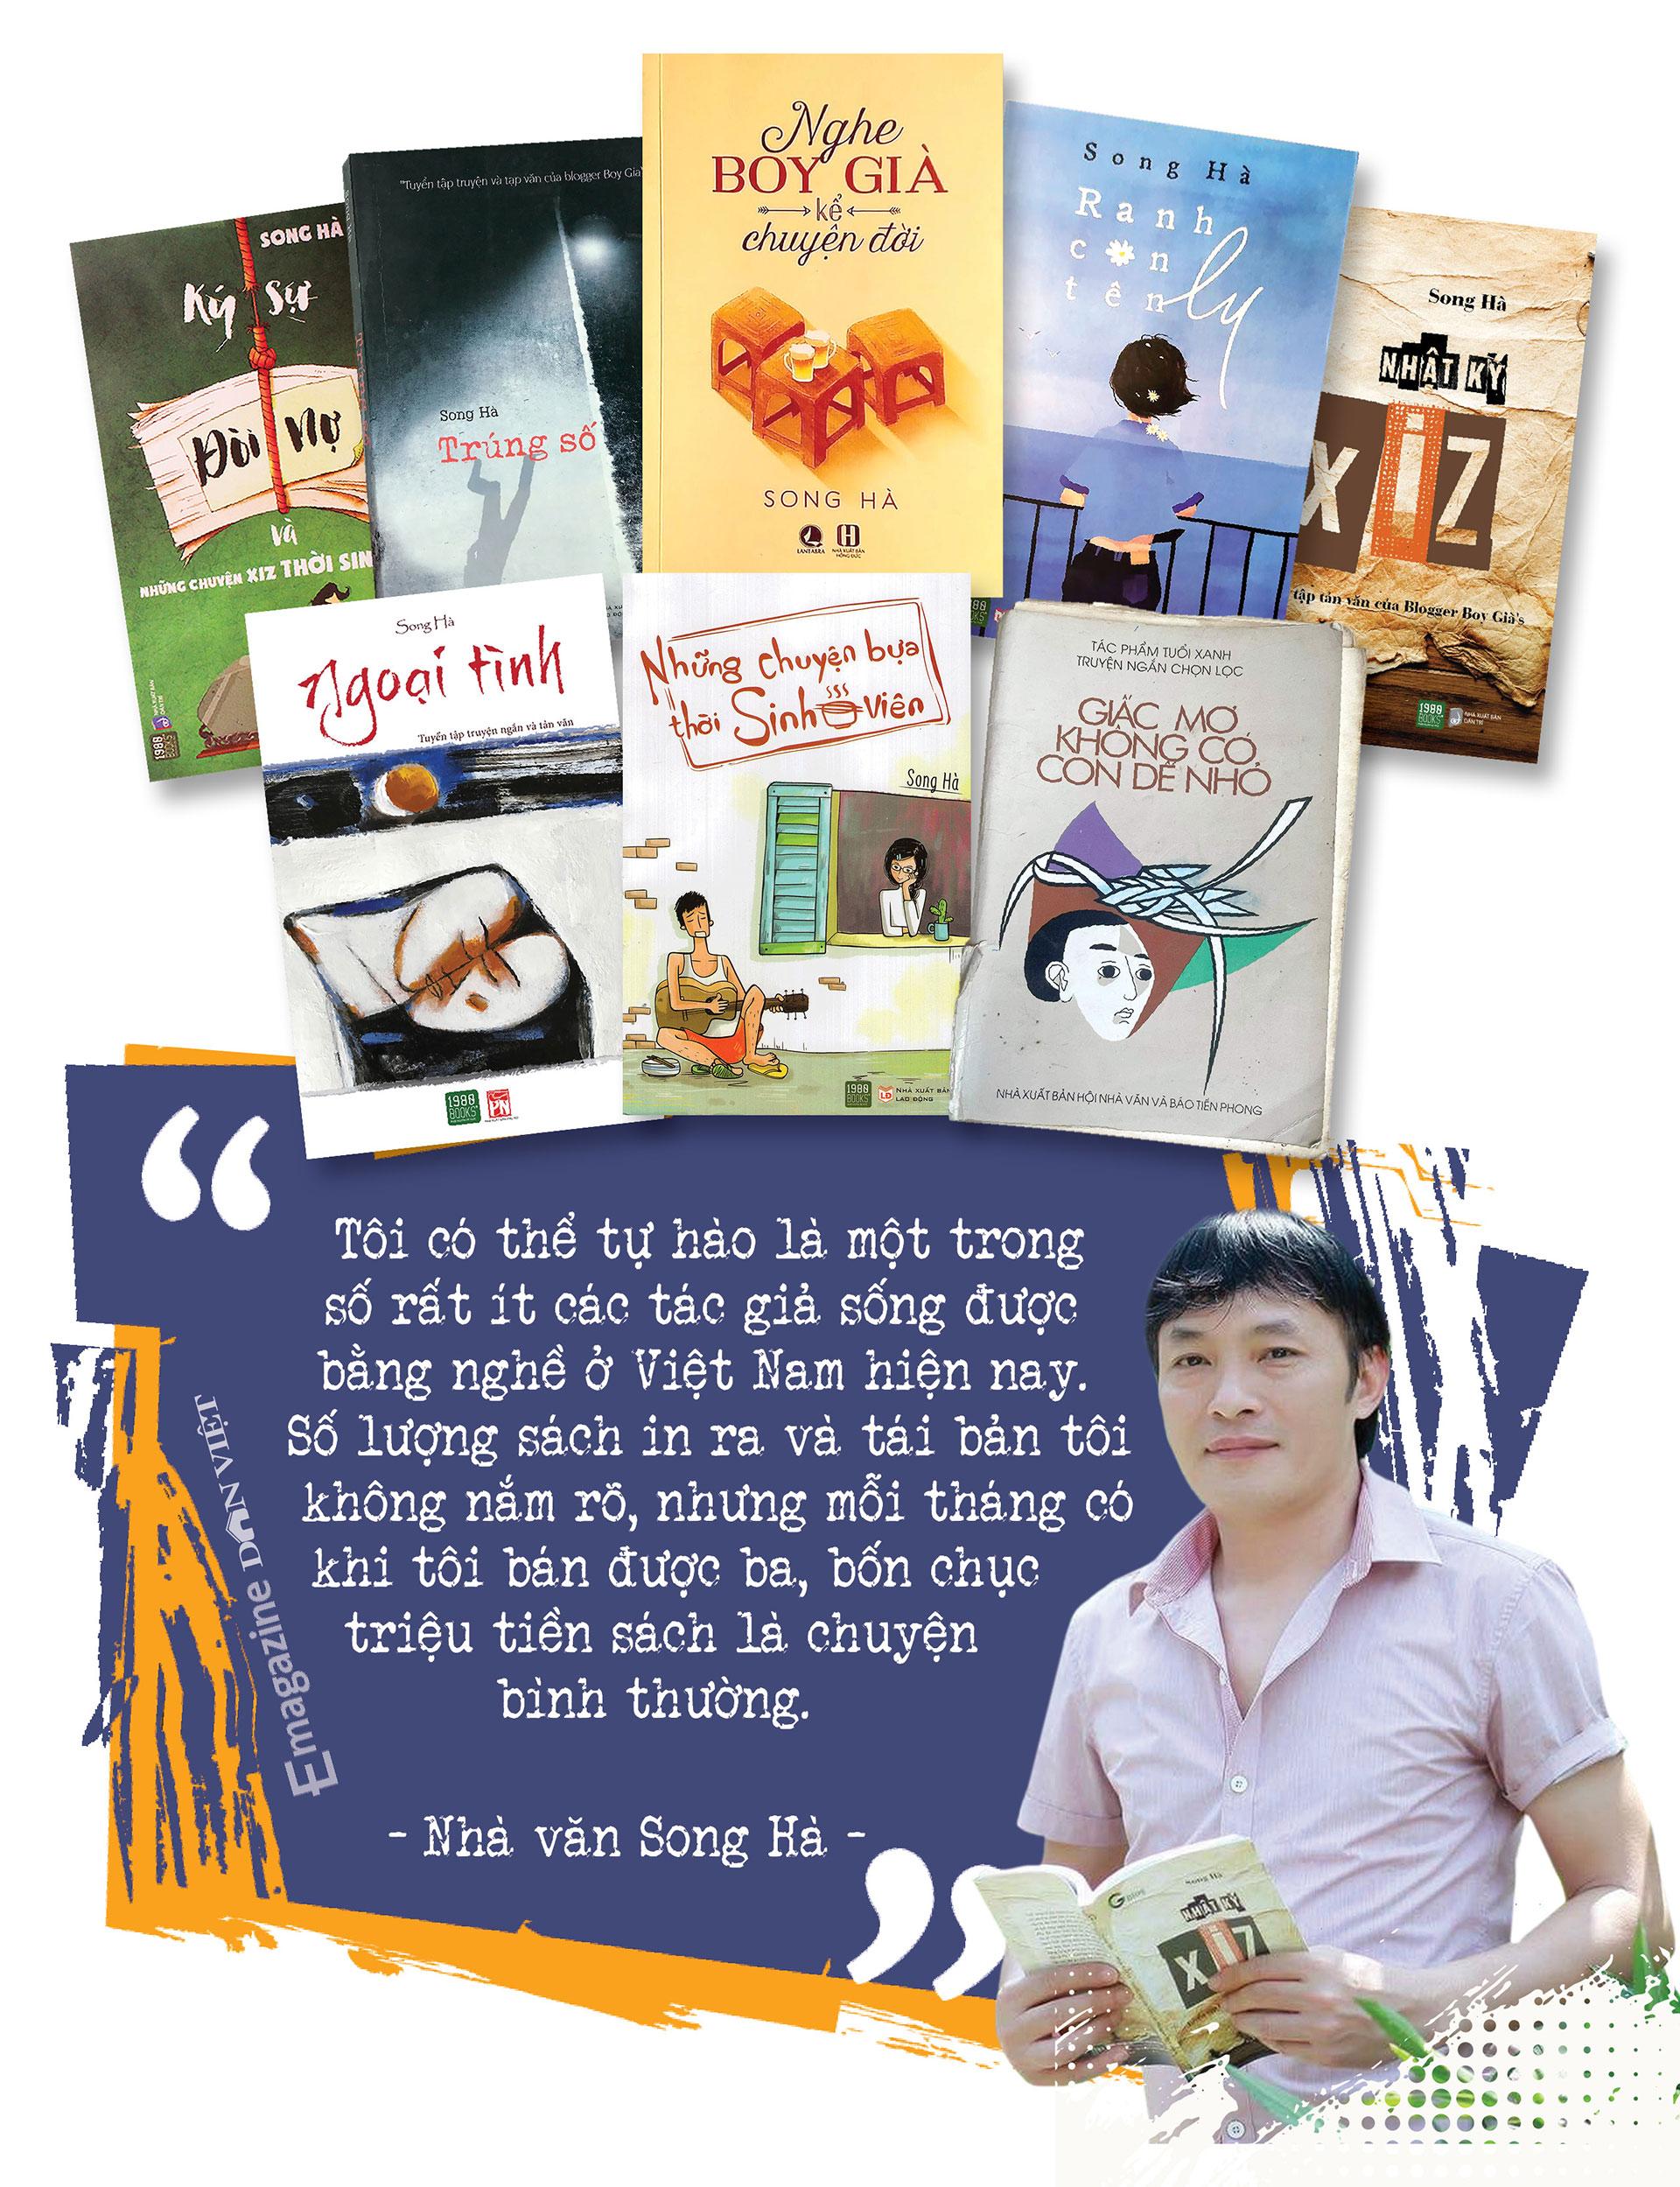 Cây bút văn học mạng Song Hà: Mảng đề tài đa cấp, đòi nợ… tôi viết dễ như thò tay vào túi lấy kẹo - Ảnh 21.